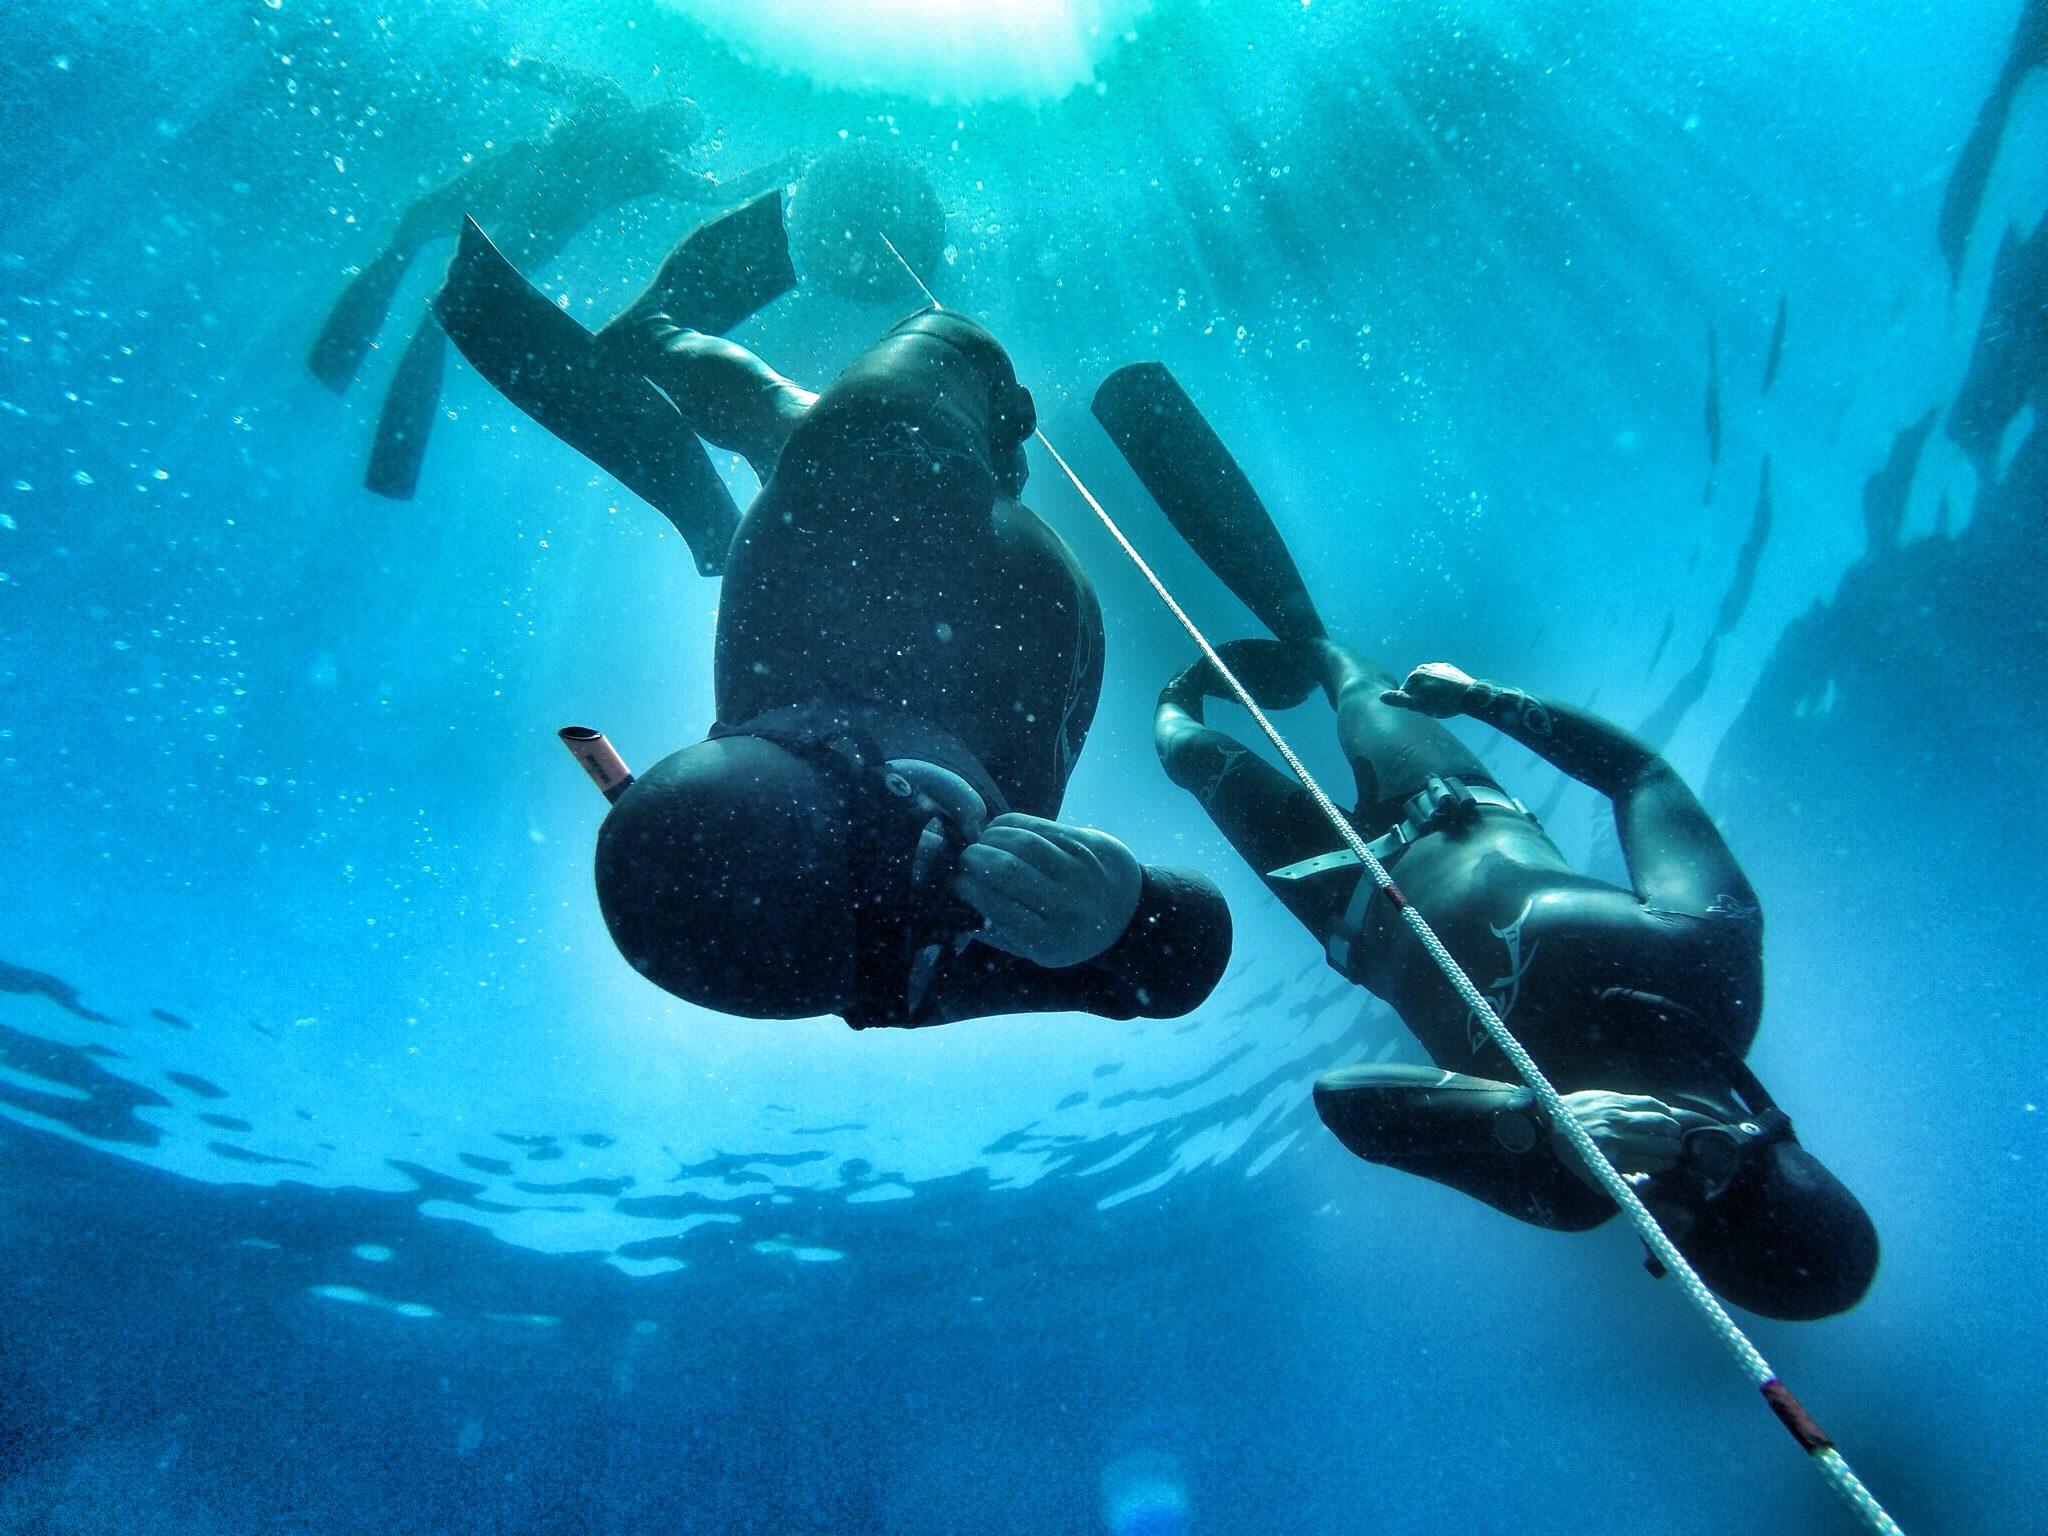 Фридайвинг - что это такое? подводное плавание с задержкой дыхания :: syl.ru